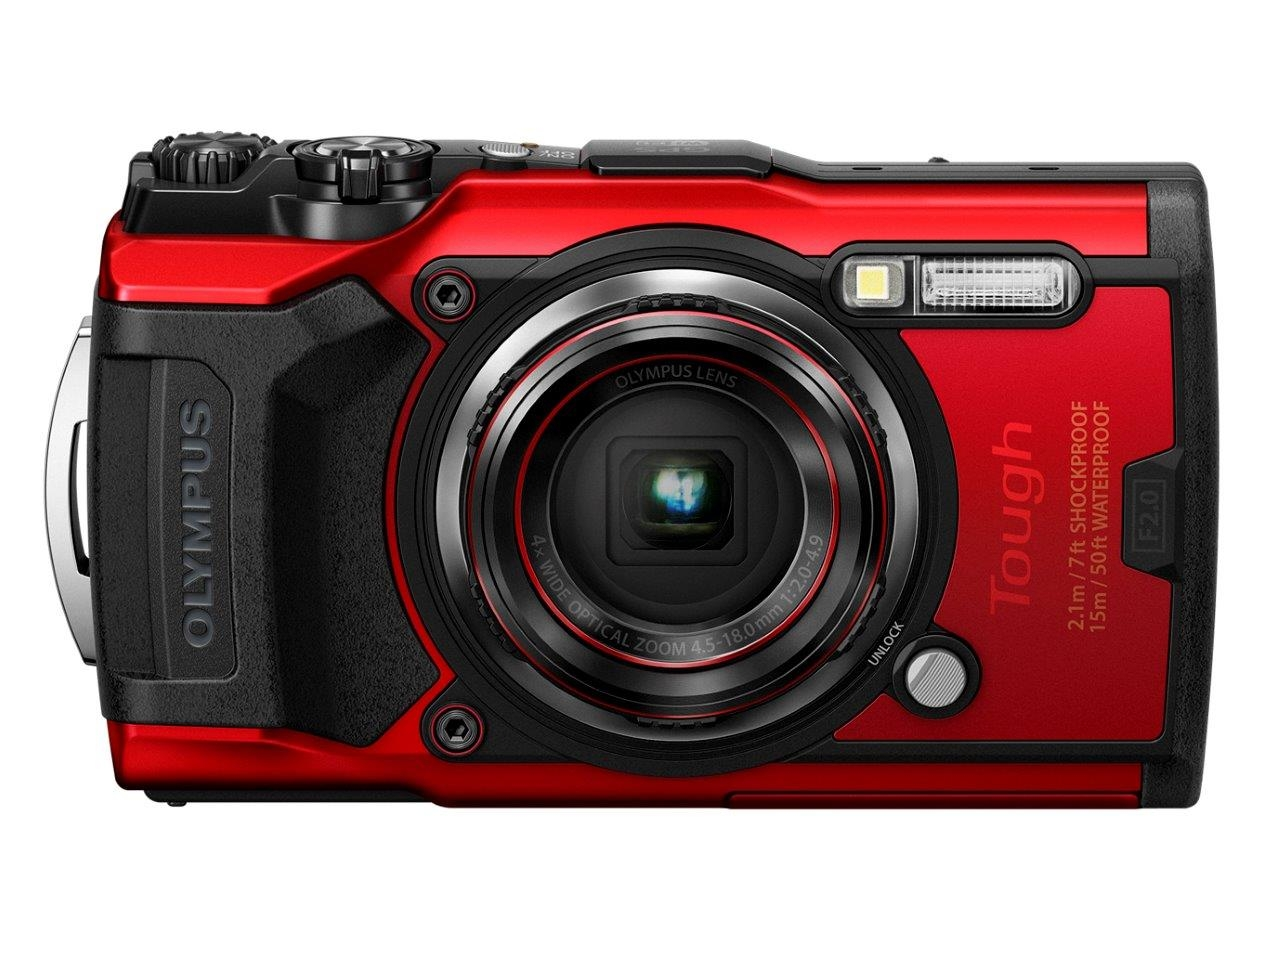 オリンパスの防水デジタルカメラOLYMPUS「Tough TG-6」。店頭予想価格は5万7240円(税込み) (出所:オリンパス)